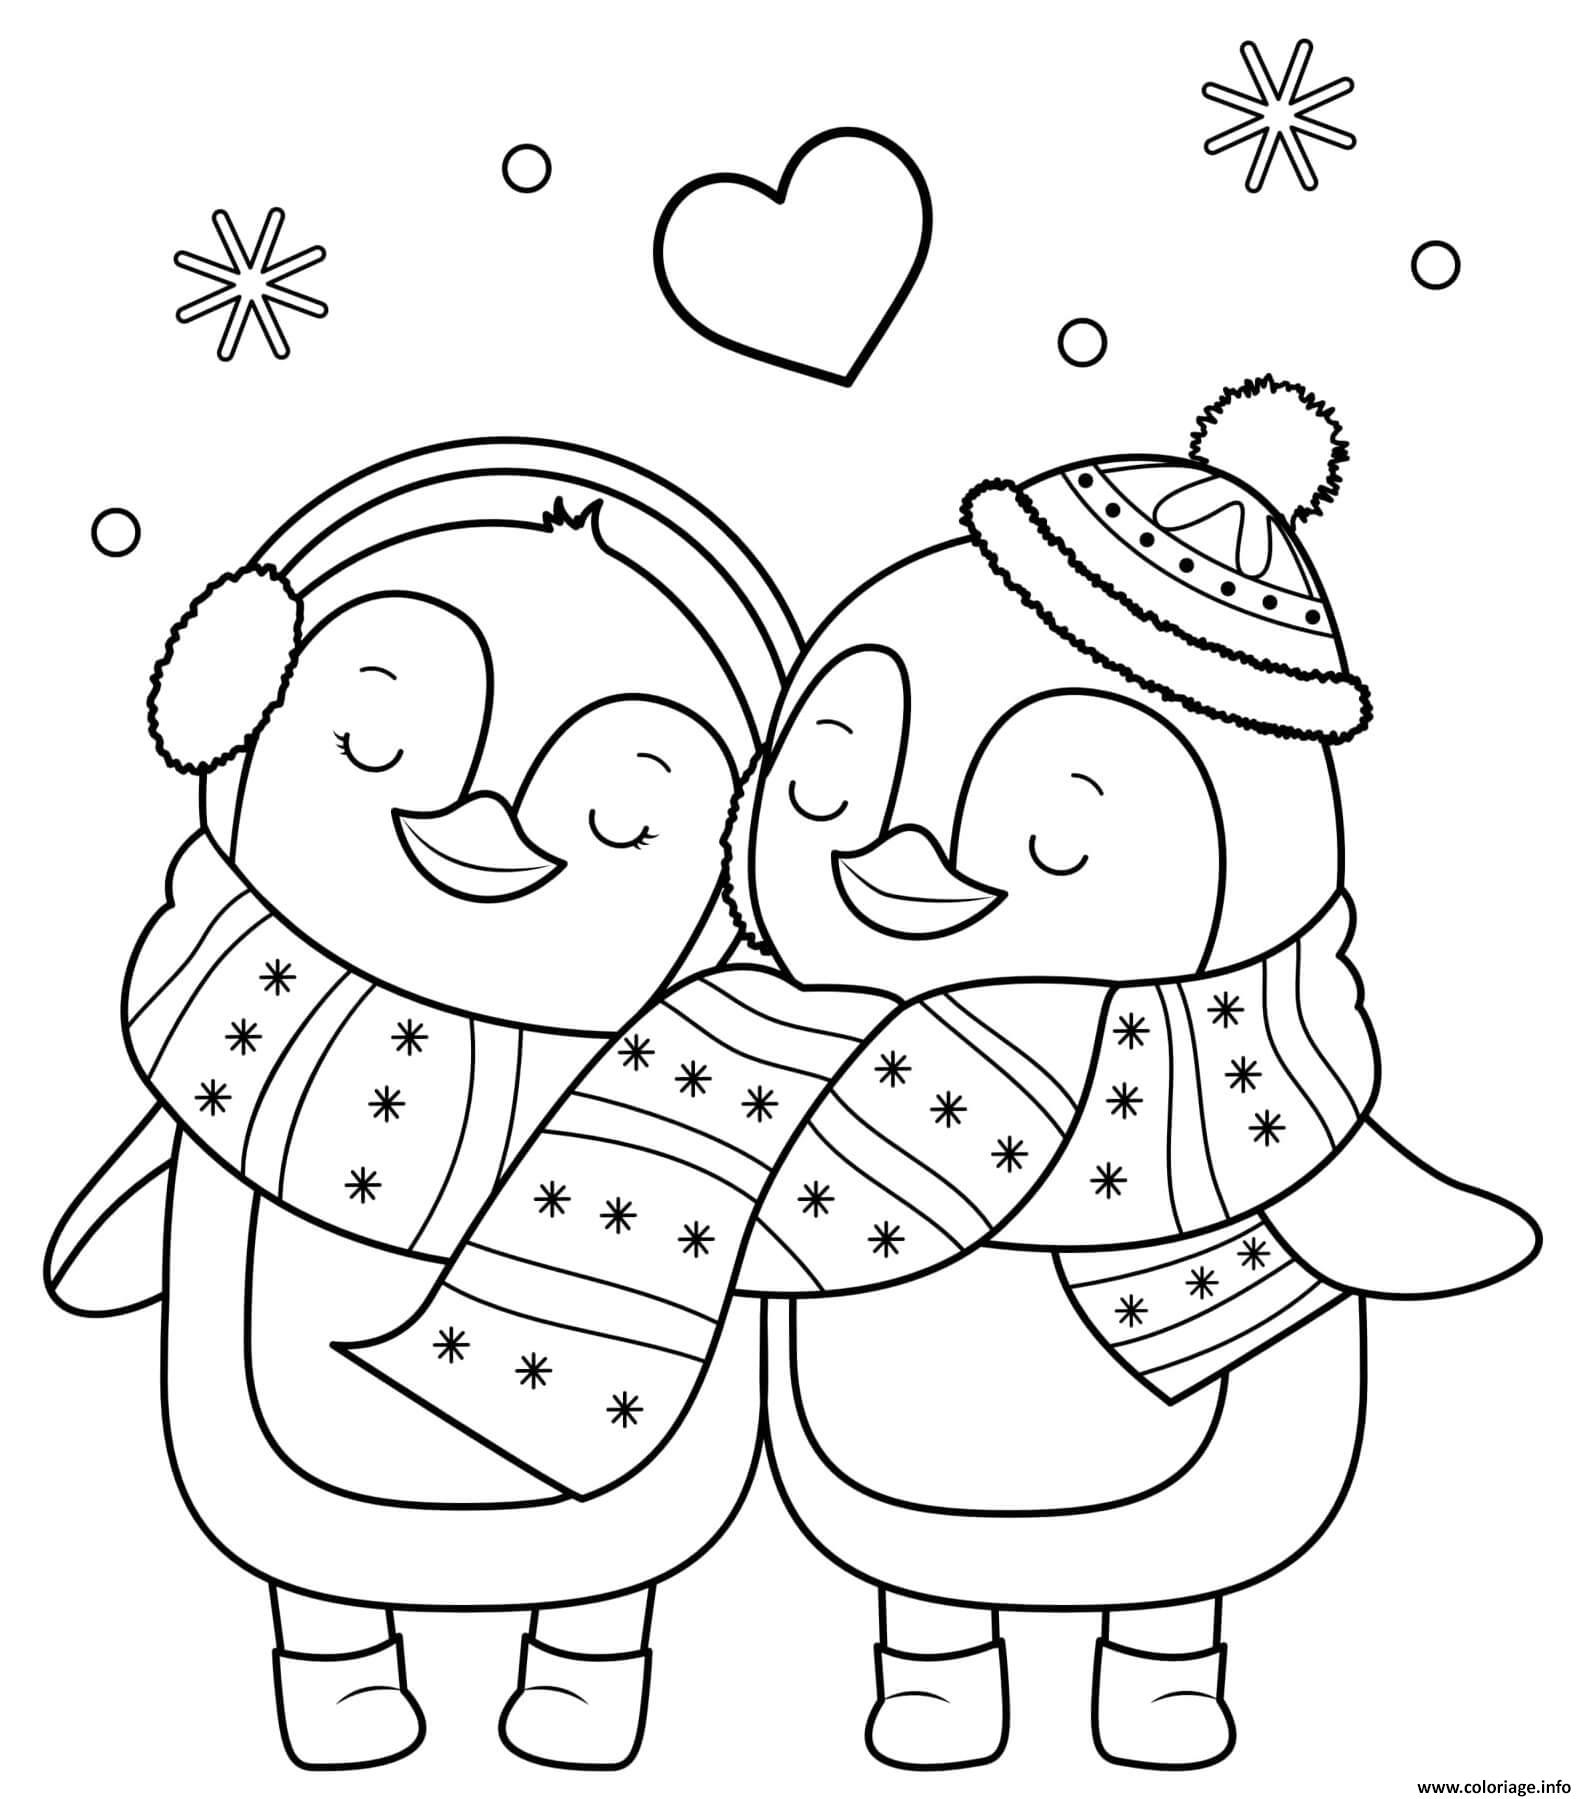 Dessin hiver pingouins en amour Coloriage Gratuit à Imprimer